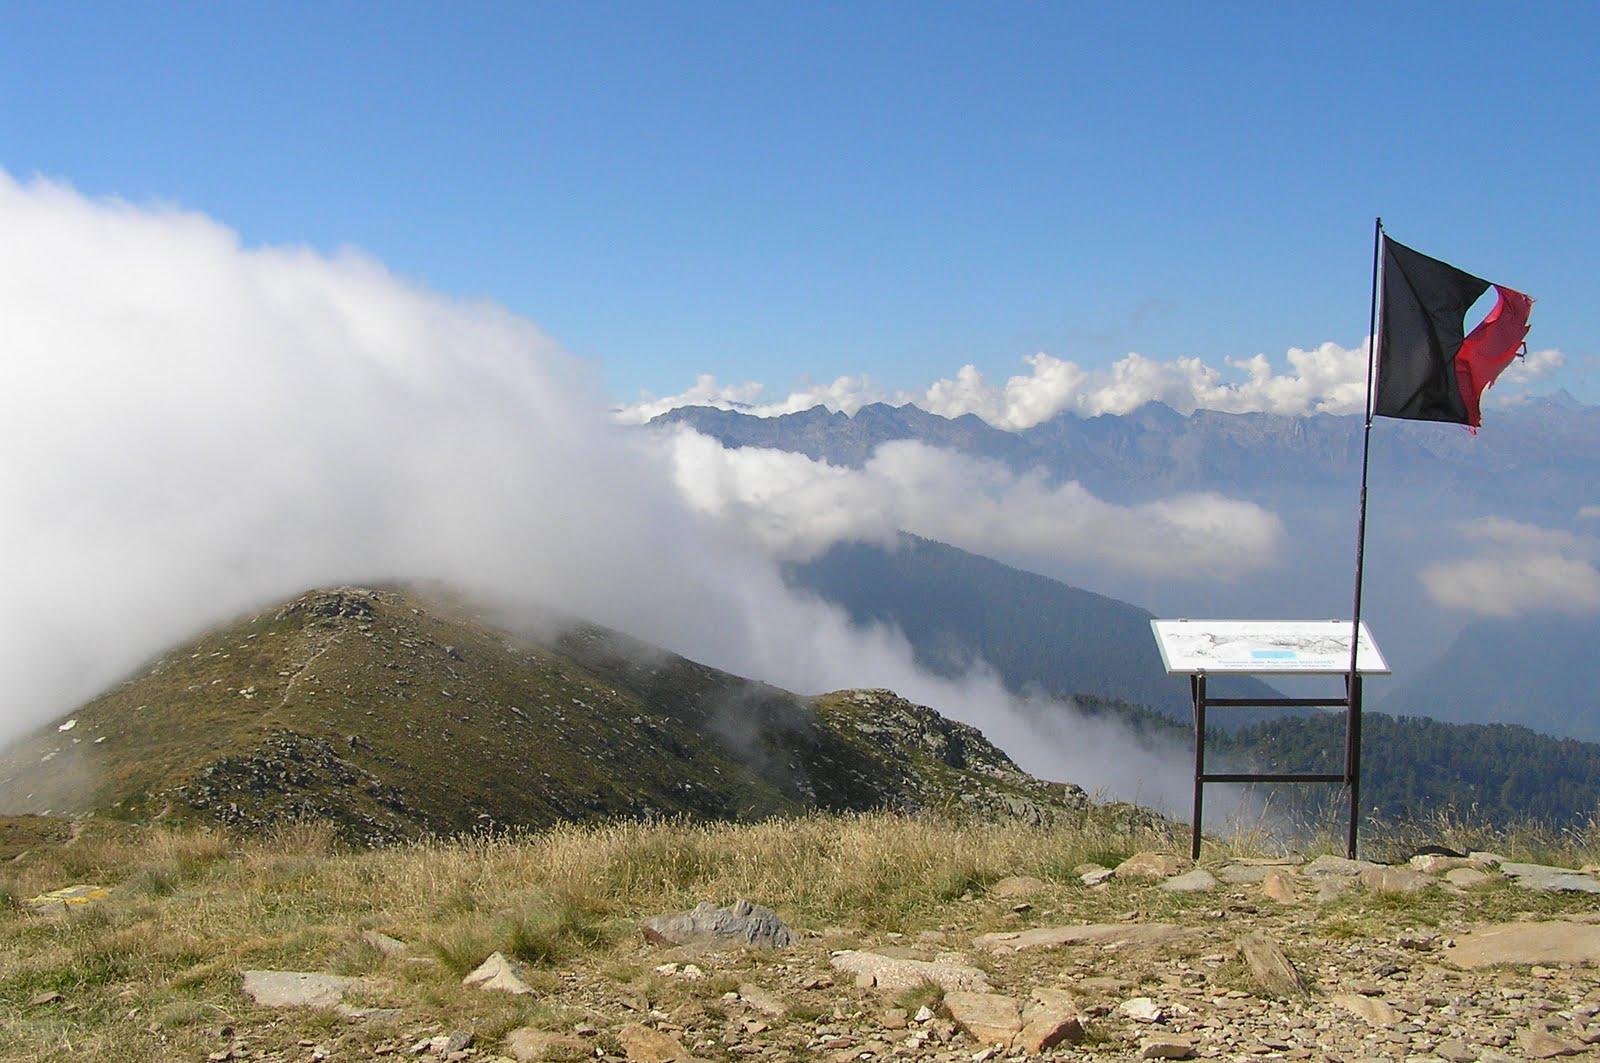 Malati di montagna un anello tra due mondi opposti - Riscaldare velocemente casa montagna ...